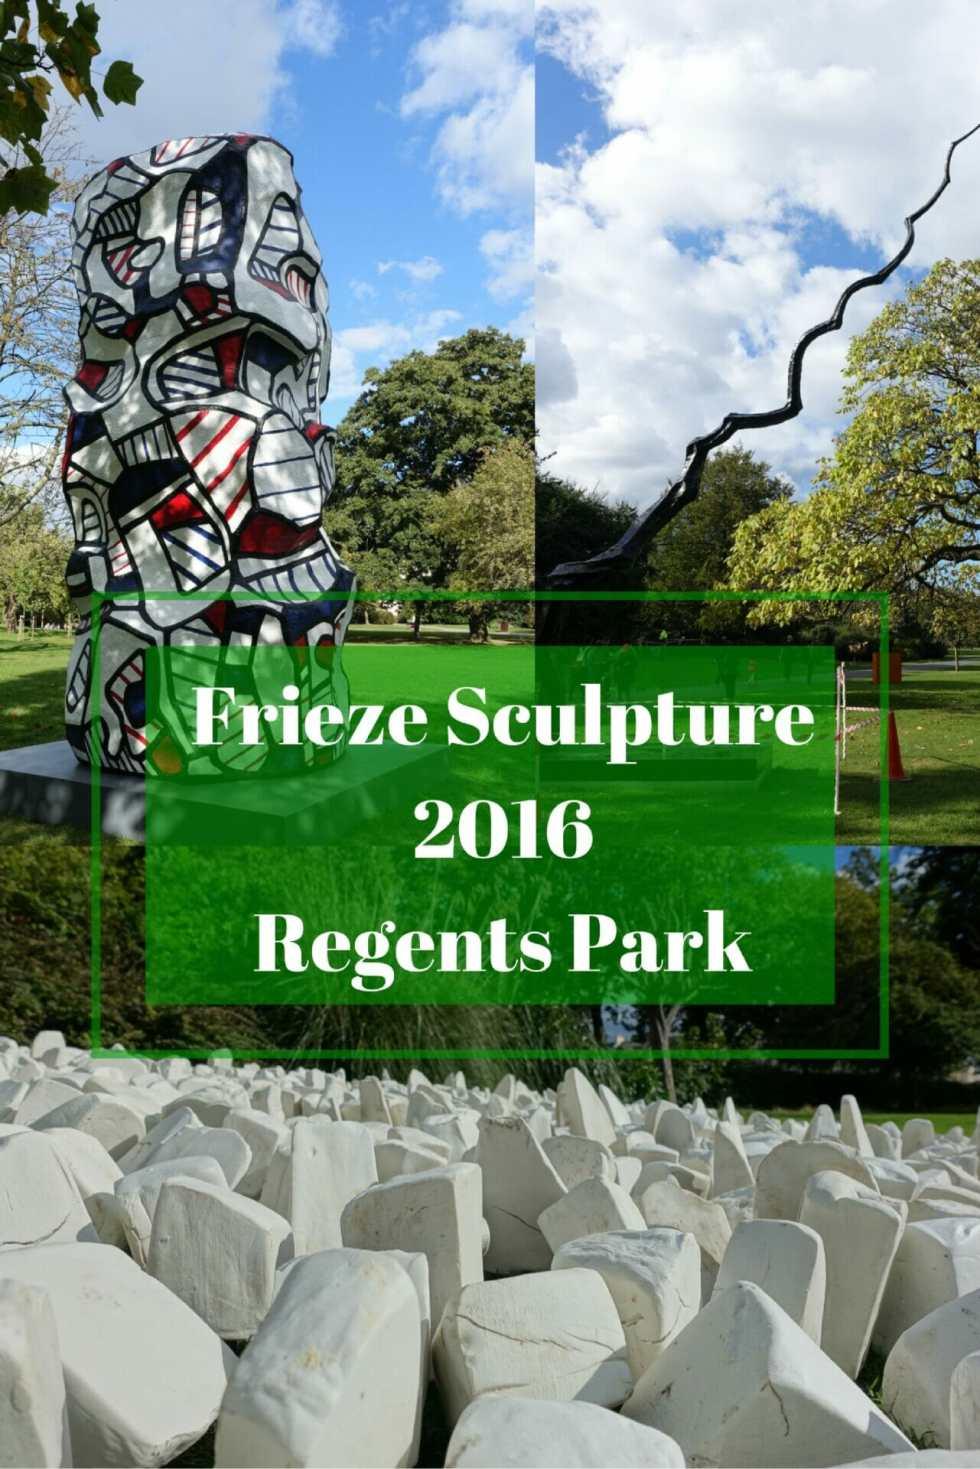 Frieze Sculpture Regents Park on What's Katie Doing? blog